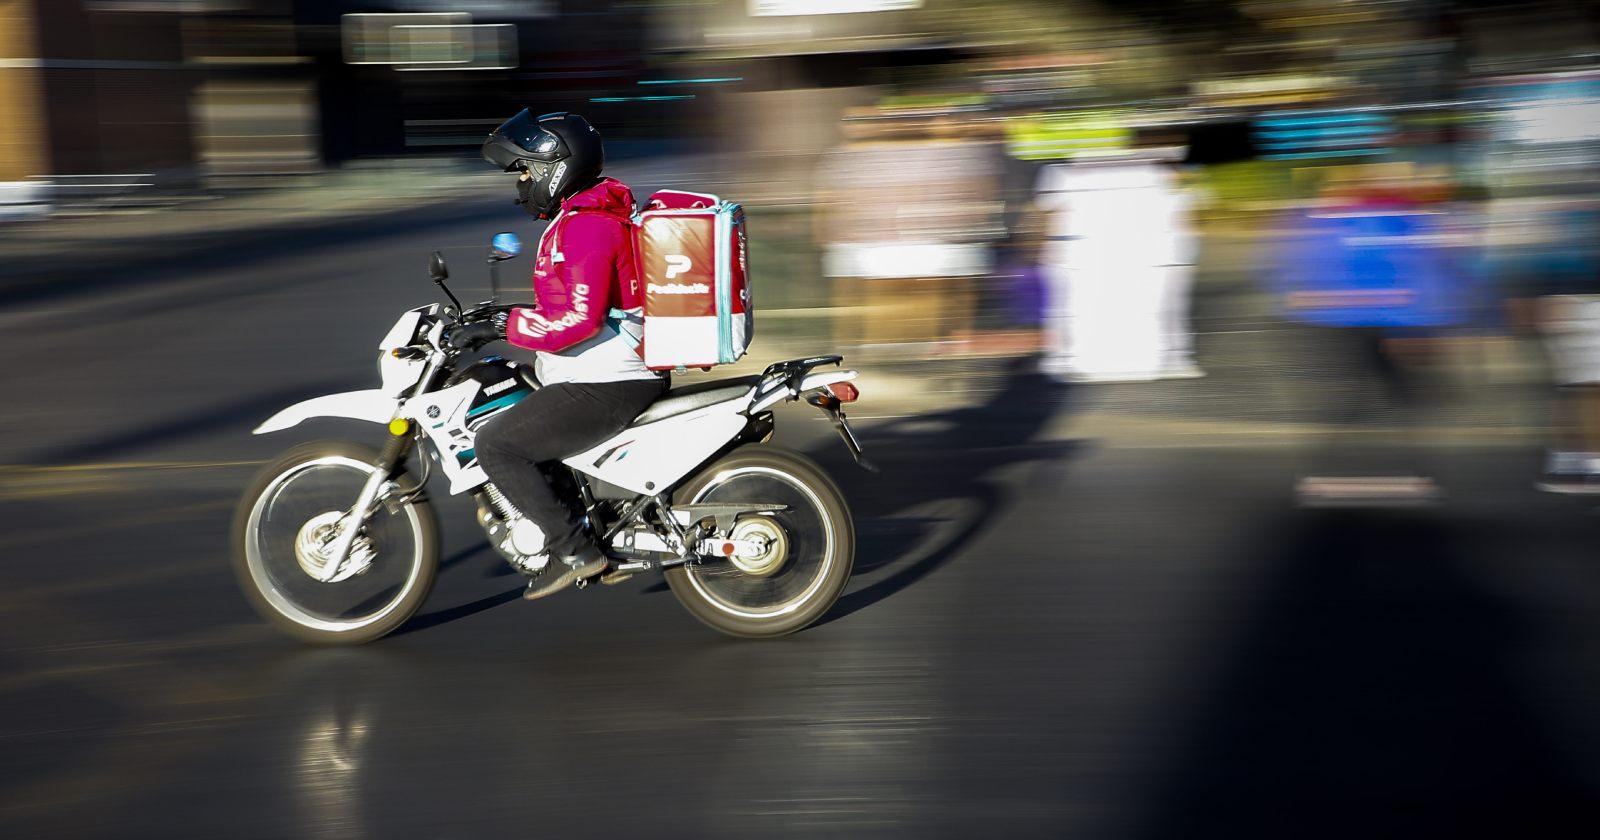 Gobierno extiende servicios de delivery de comida y medicamentos hasta medianoche